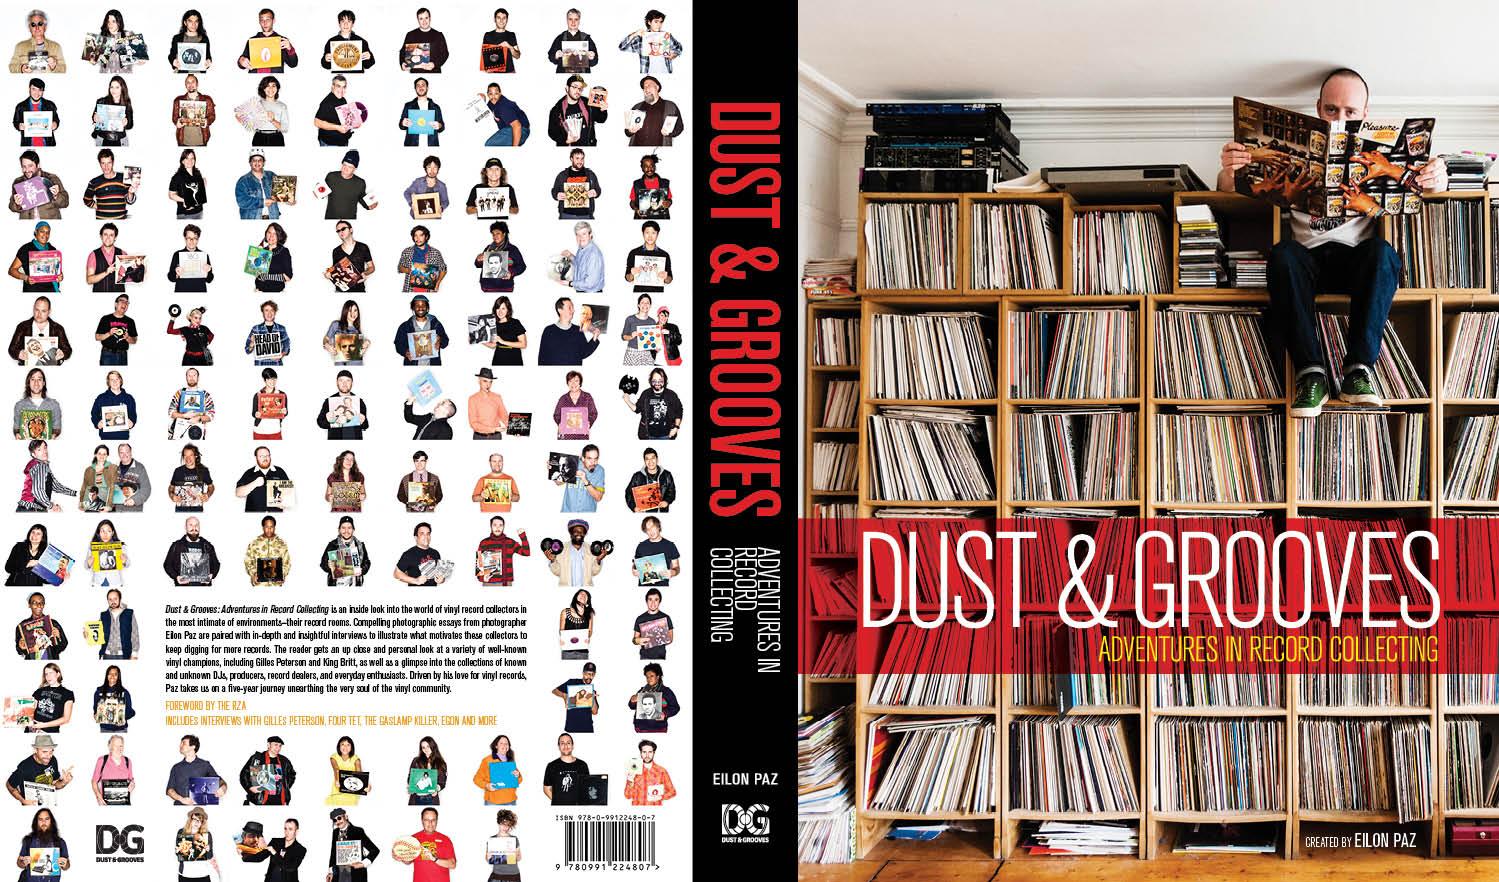 DG_book_Inside_09